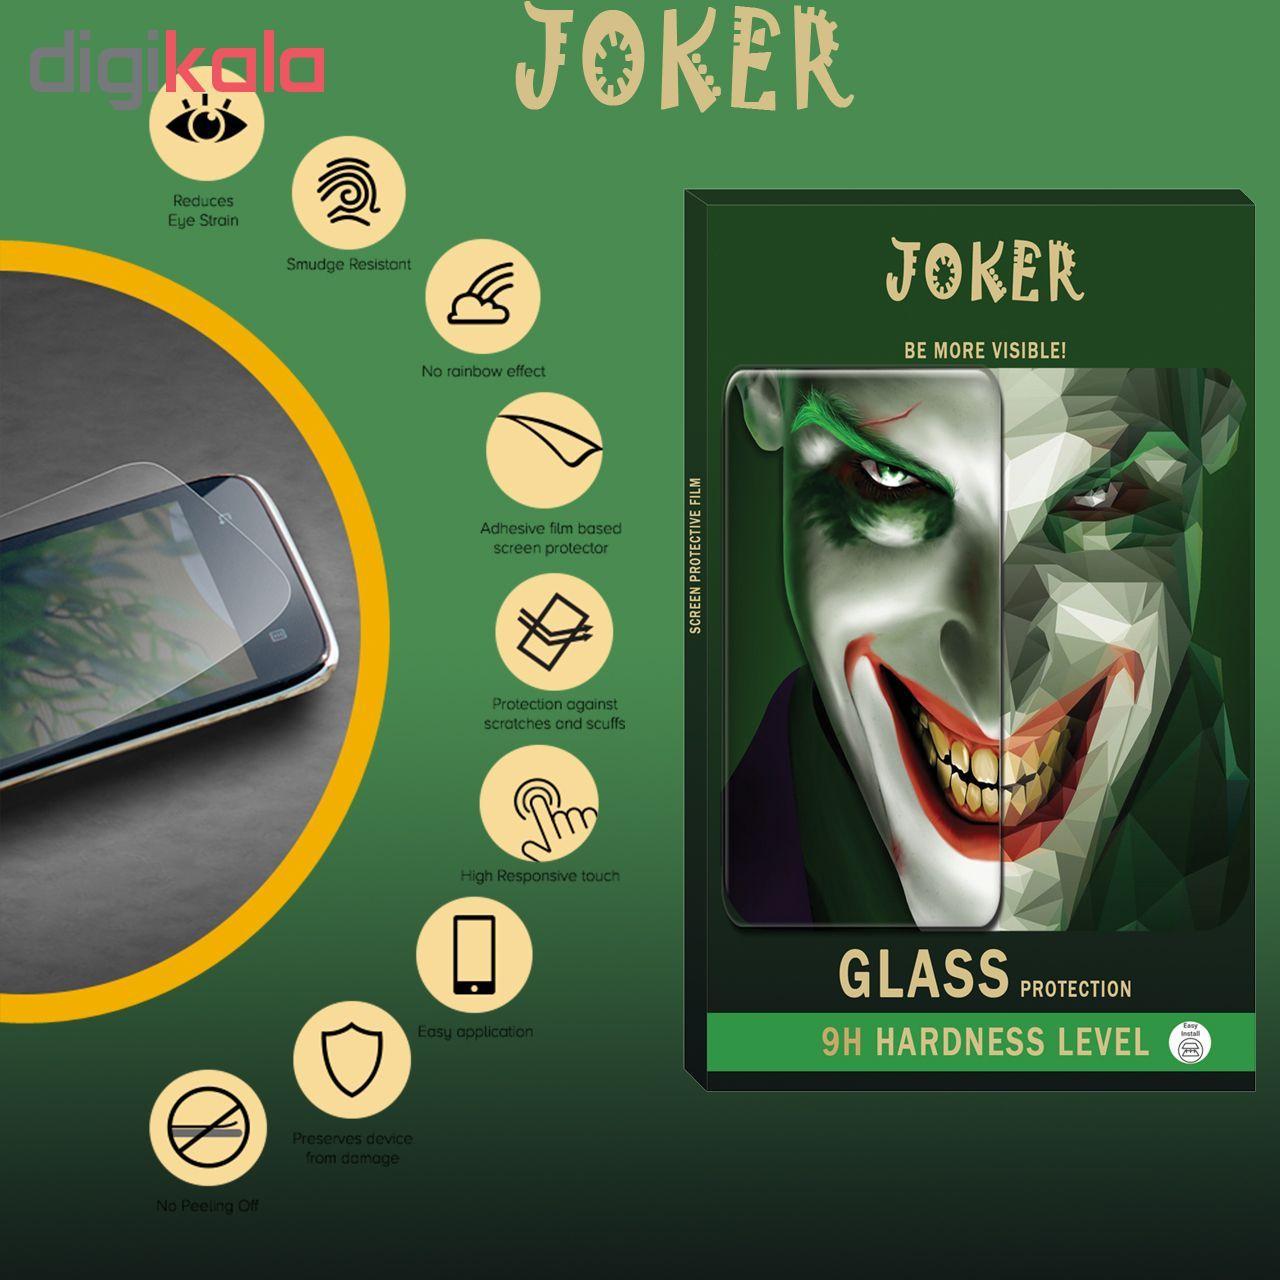 محافظ صفحه نمایش حریم شخصی و پشت گوشی   جوکر مدل FUM-01 مناسب برای گوشی موبایل اپل Iphone Xs  به همراه محافظ لنز دوربین  main 1 2